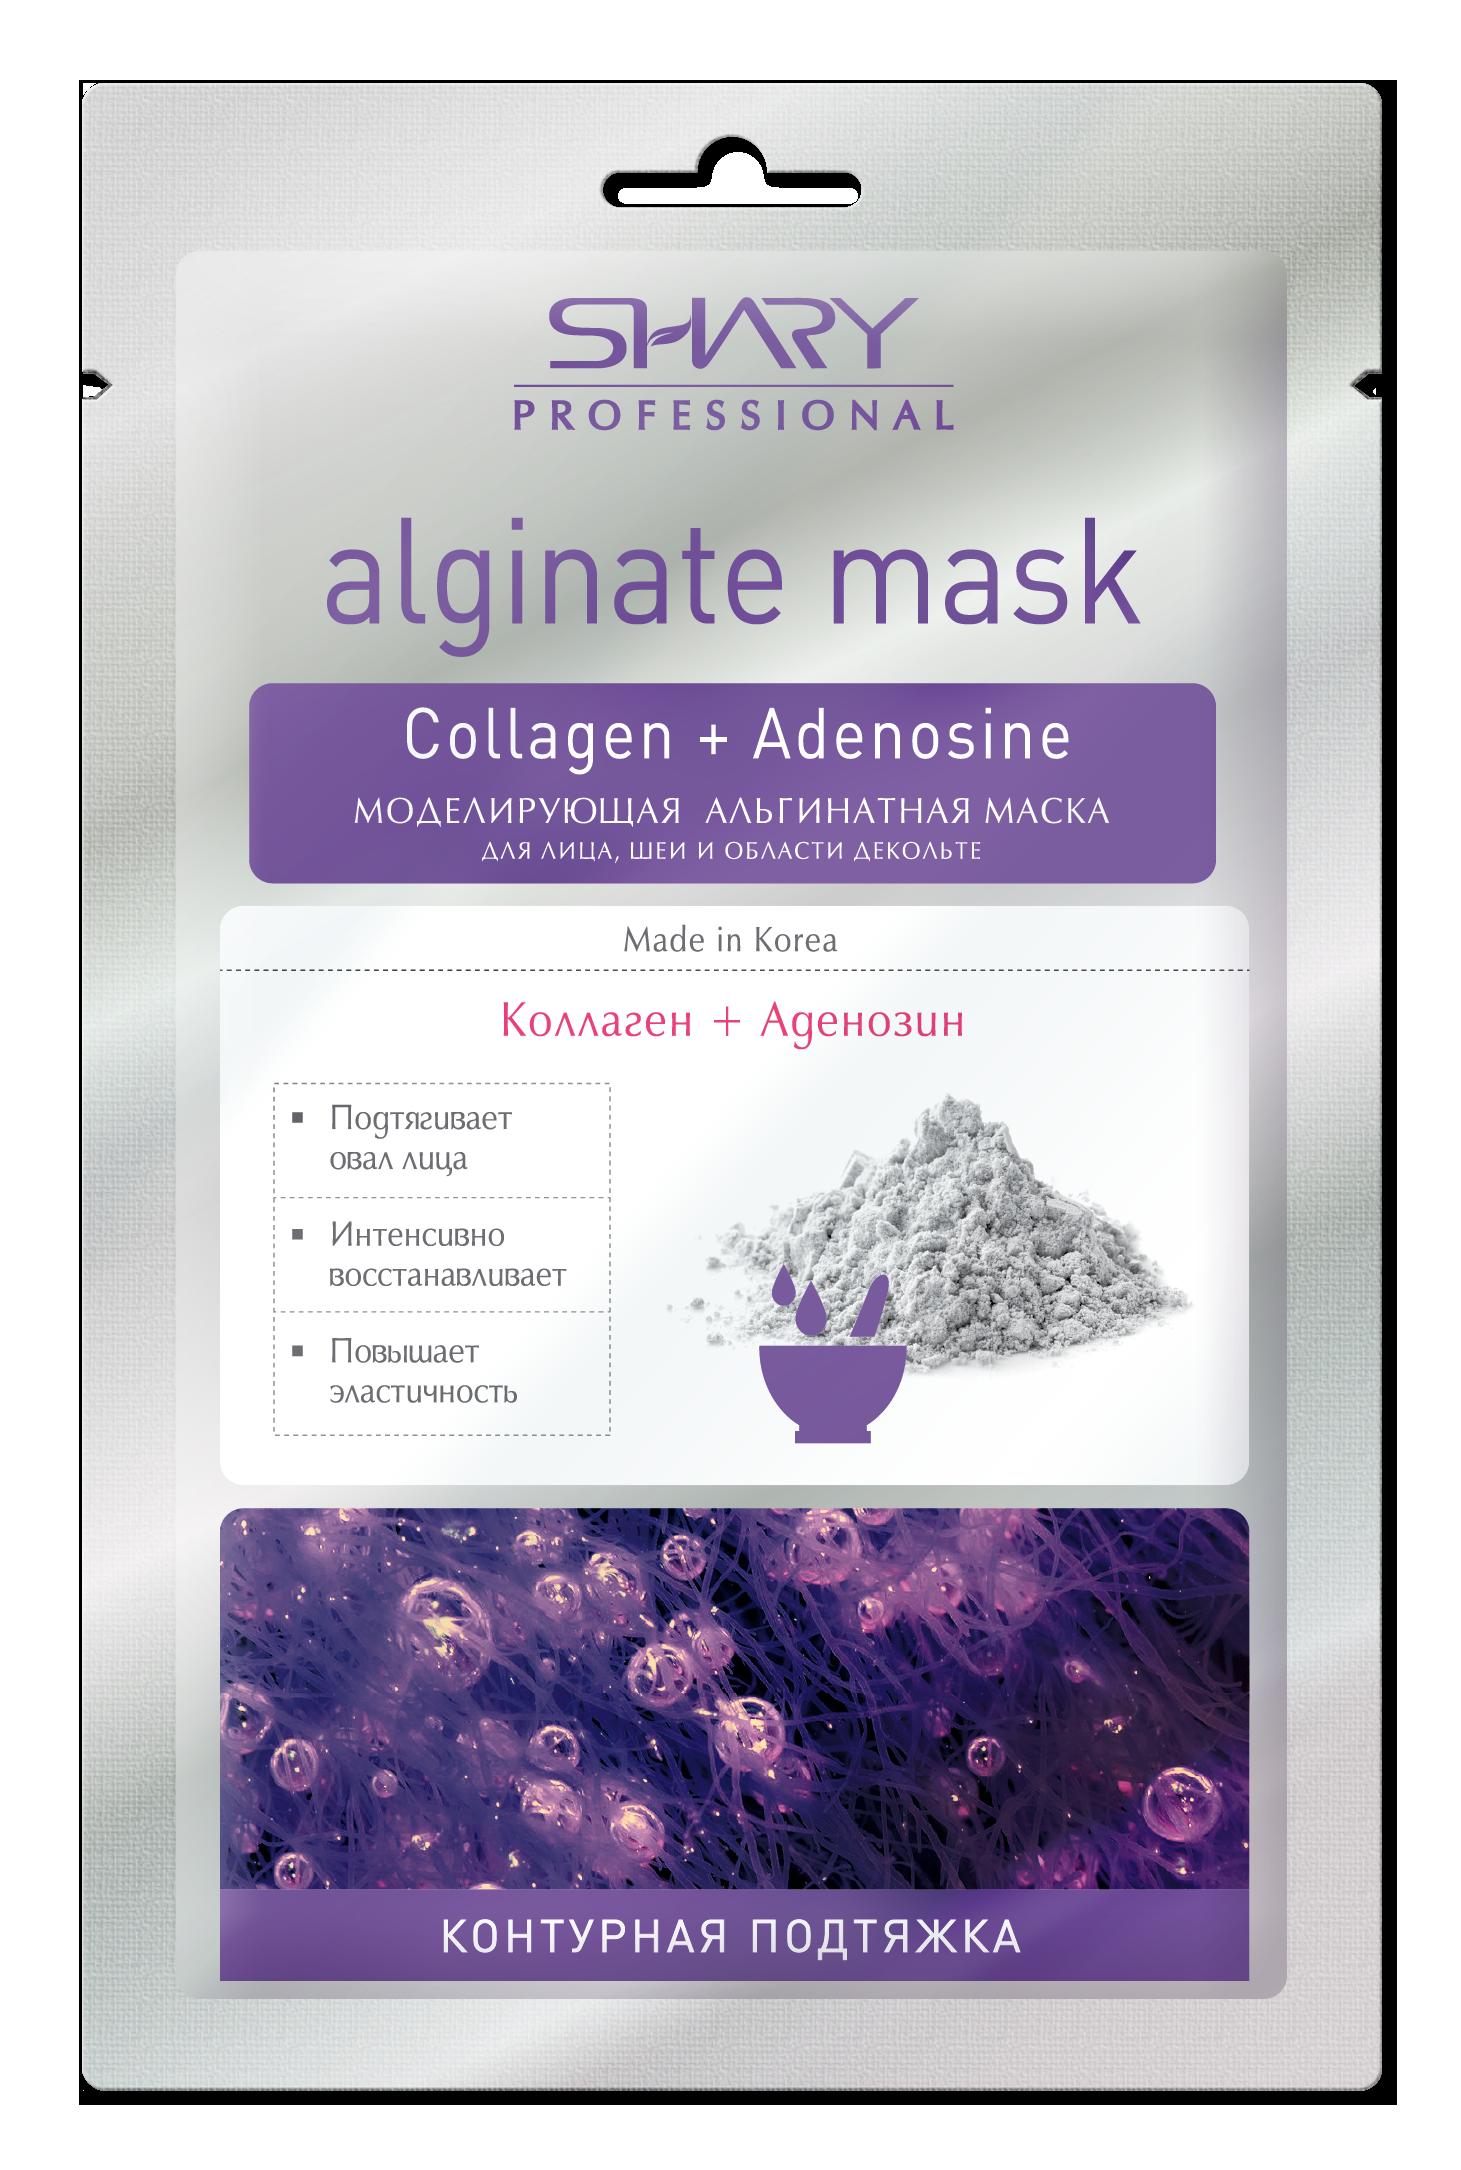 SHARY Маска моделирующая альгинатная SHARY professionsl Коллаген+Аденозин / PROFESSIONAL 28 грМаски<br>Контурная подтяжка. Профессиональная альгинатная маска. Коллаген + Аденозин.&amp;nbsp;Активная формула с коллагеном и аденозином запускает процесс восстановления эластино-коллагеновой структуры дермы, эффективно подтягивает овал лица, значительно повышает плотность и упругость кожи. Моделирующая маска надежно защищает кожу от потери влаги, борется с глубокими морщинами и помогает предотвратить образование новых. Альгинат (морской)   это уникальный биокомпонент, получаемый из бурых водорослей. Он обладает поразительным свойством пластифицироваться, то есть превращаться в эластичный гель, который плотно обволакивает кожу и обеспечивает максимально глубокое проникновение активных компонентов. Альгинатные маски кардинально преображают кожу уже после первого применения, поэтому они столь популярны в профессиональных салонах красоты для процедур мгновенного лифтинга и подтяжки лица. Результат: подтянутая упругая кожа, более очерченные контуры лица, уменьшенная пигментация, кожа невероятно гладкая и шелковистая. Активные ингредиенты. Состав: Diatomaceous Earth, Calcium Sulfate, Glucose, Algin, Hydrolyzed Collagen, Potassium Alginate, Adenosine, Allantoin, Betaine, Portulaca Oleracea Extract, Centella Asiatica Extract, Sodium Benzoate, Mentha Piperita (Peppermint) Oil, Cellulose Gum, Tetrapotassium Pyrophosphate, Fragrance. Способ применения: содержимое пакетика развести холодной водой до консистенции густой сметаны без комочков (70-80 мл или 5-6 ст. ложек). Маска очень быстро застывает, поэтому применять ее нужно сразу после смешивания. Широкой плотной кистью или лопаточкой нанести маску толстым слоем (3-4 мм) на очищенную кожу лица, шеи и области декольте. По желанию можете оставить губы и зоны вокруг глаз открытыми или также нанести маску, оставив только ноздри. Через 20-25 минут снимите маску одним пластом ( чулком ) снизу вверх, предварительно смочив ее края водой. Уд